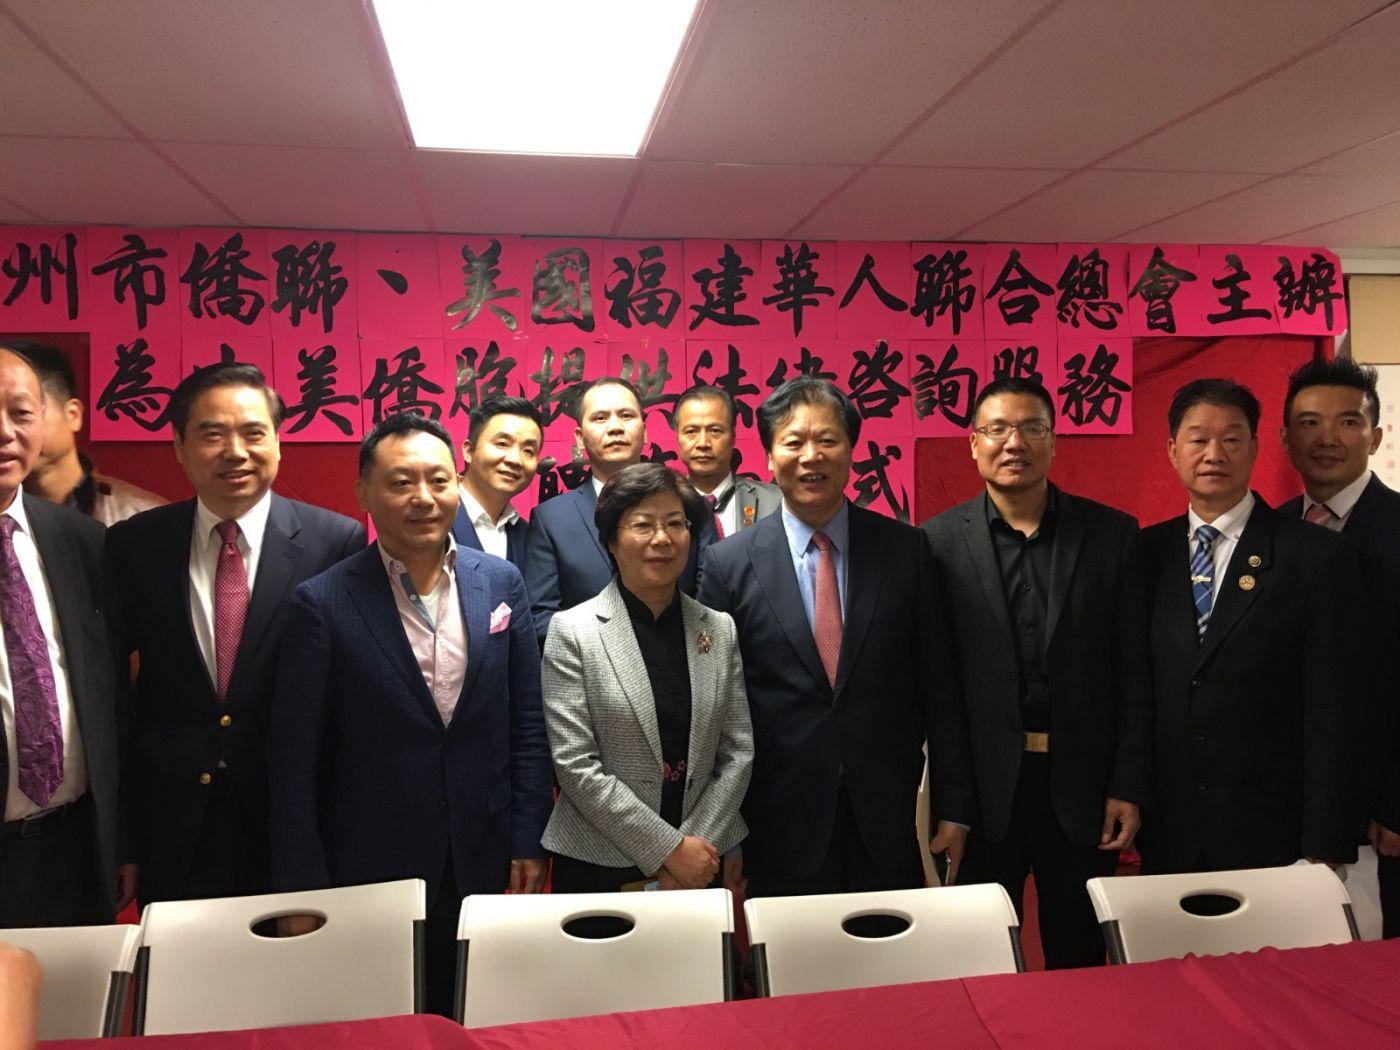 美国福建华人联合会欢迎福州市侨联主席蓝桂兰访美代表团一行 ... ..._图1-4